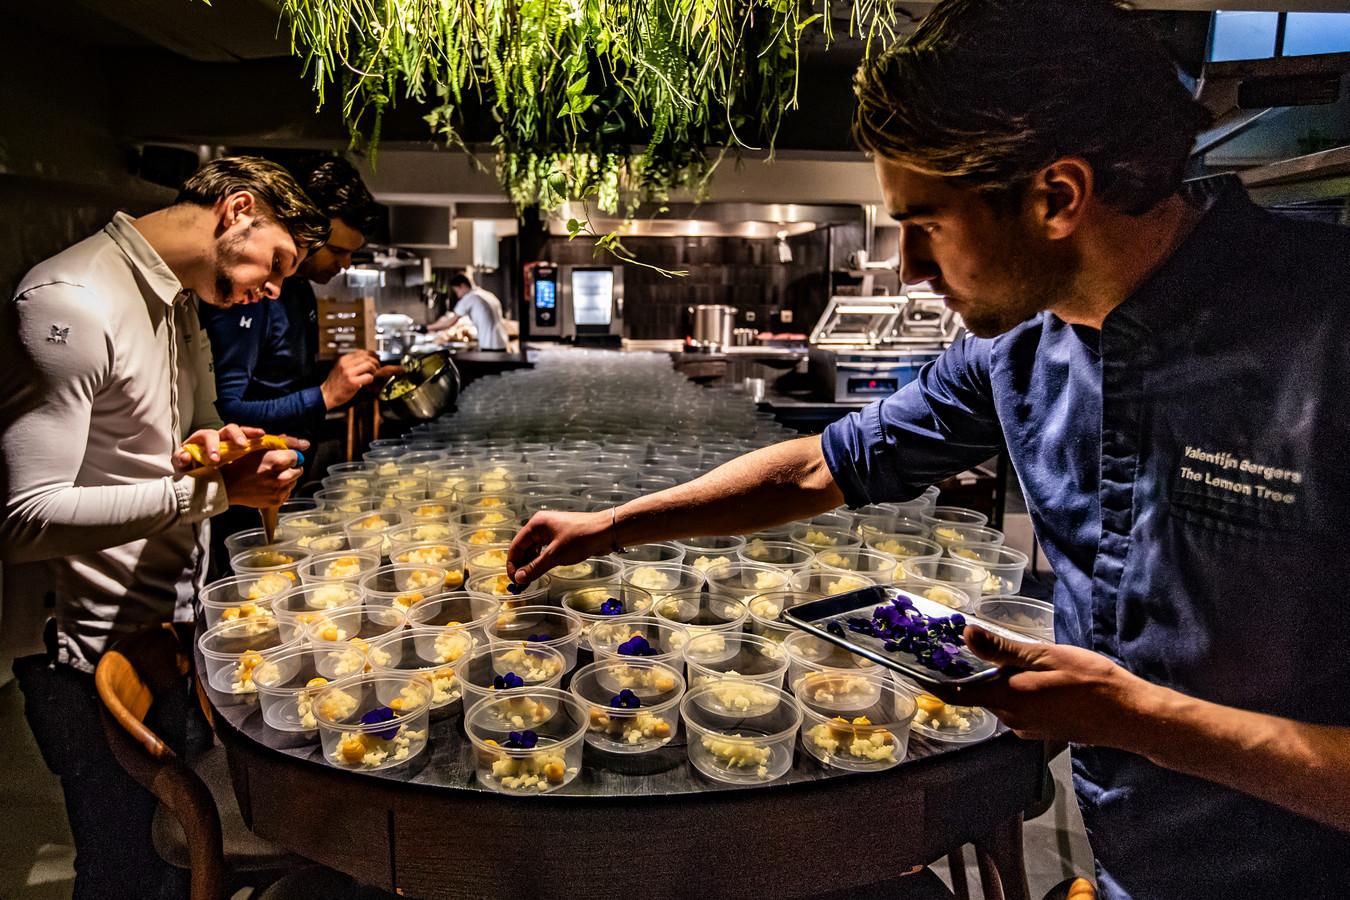 Bij restaurant The Lemon Tree in Deventer worden met zorg honderden bakjes gevuld voor hun maaltijdbox Grand 25, 25 gerechtjes voor 25 euro (per persoon). Linksachter Kevin Schlaman linksvoor Nino Boot en eigenaar Valentijn Bergers rechts.